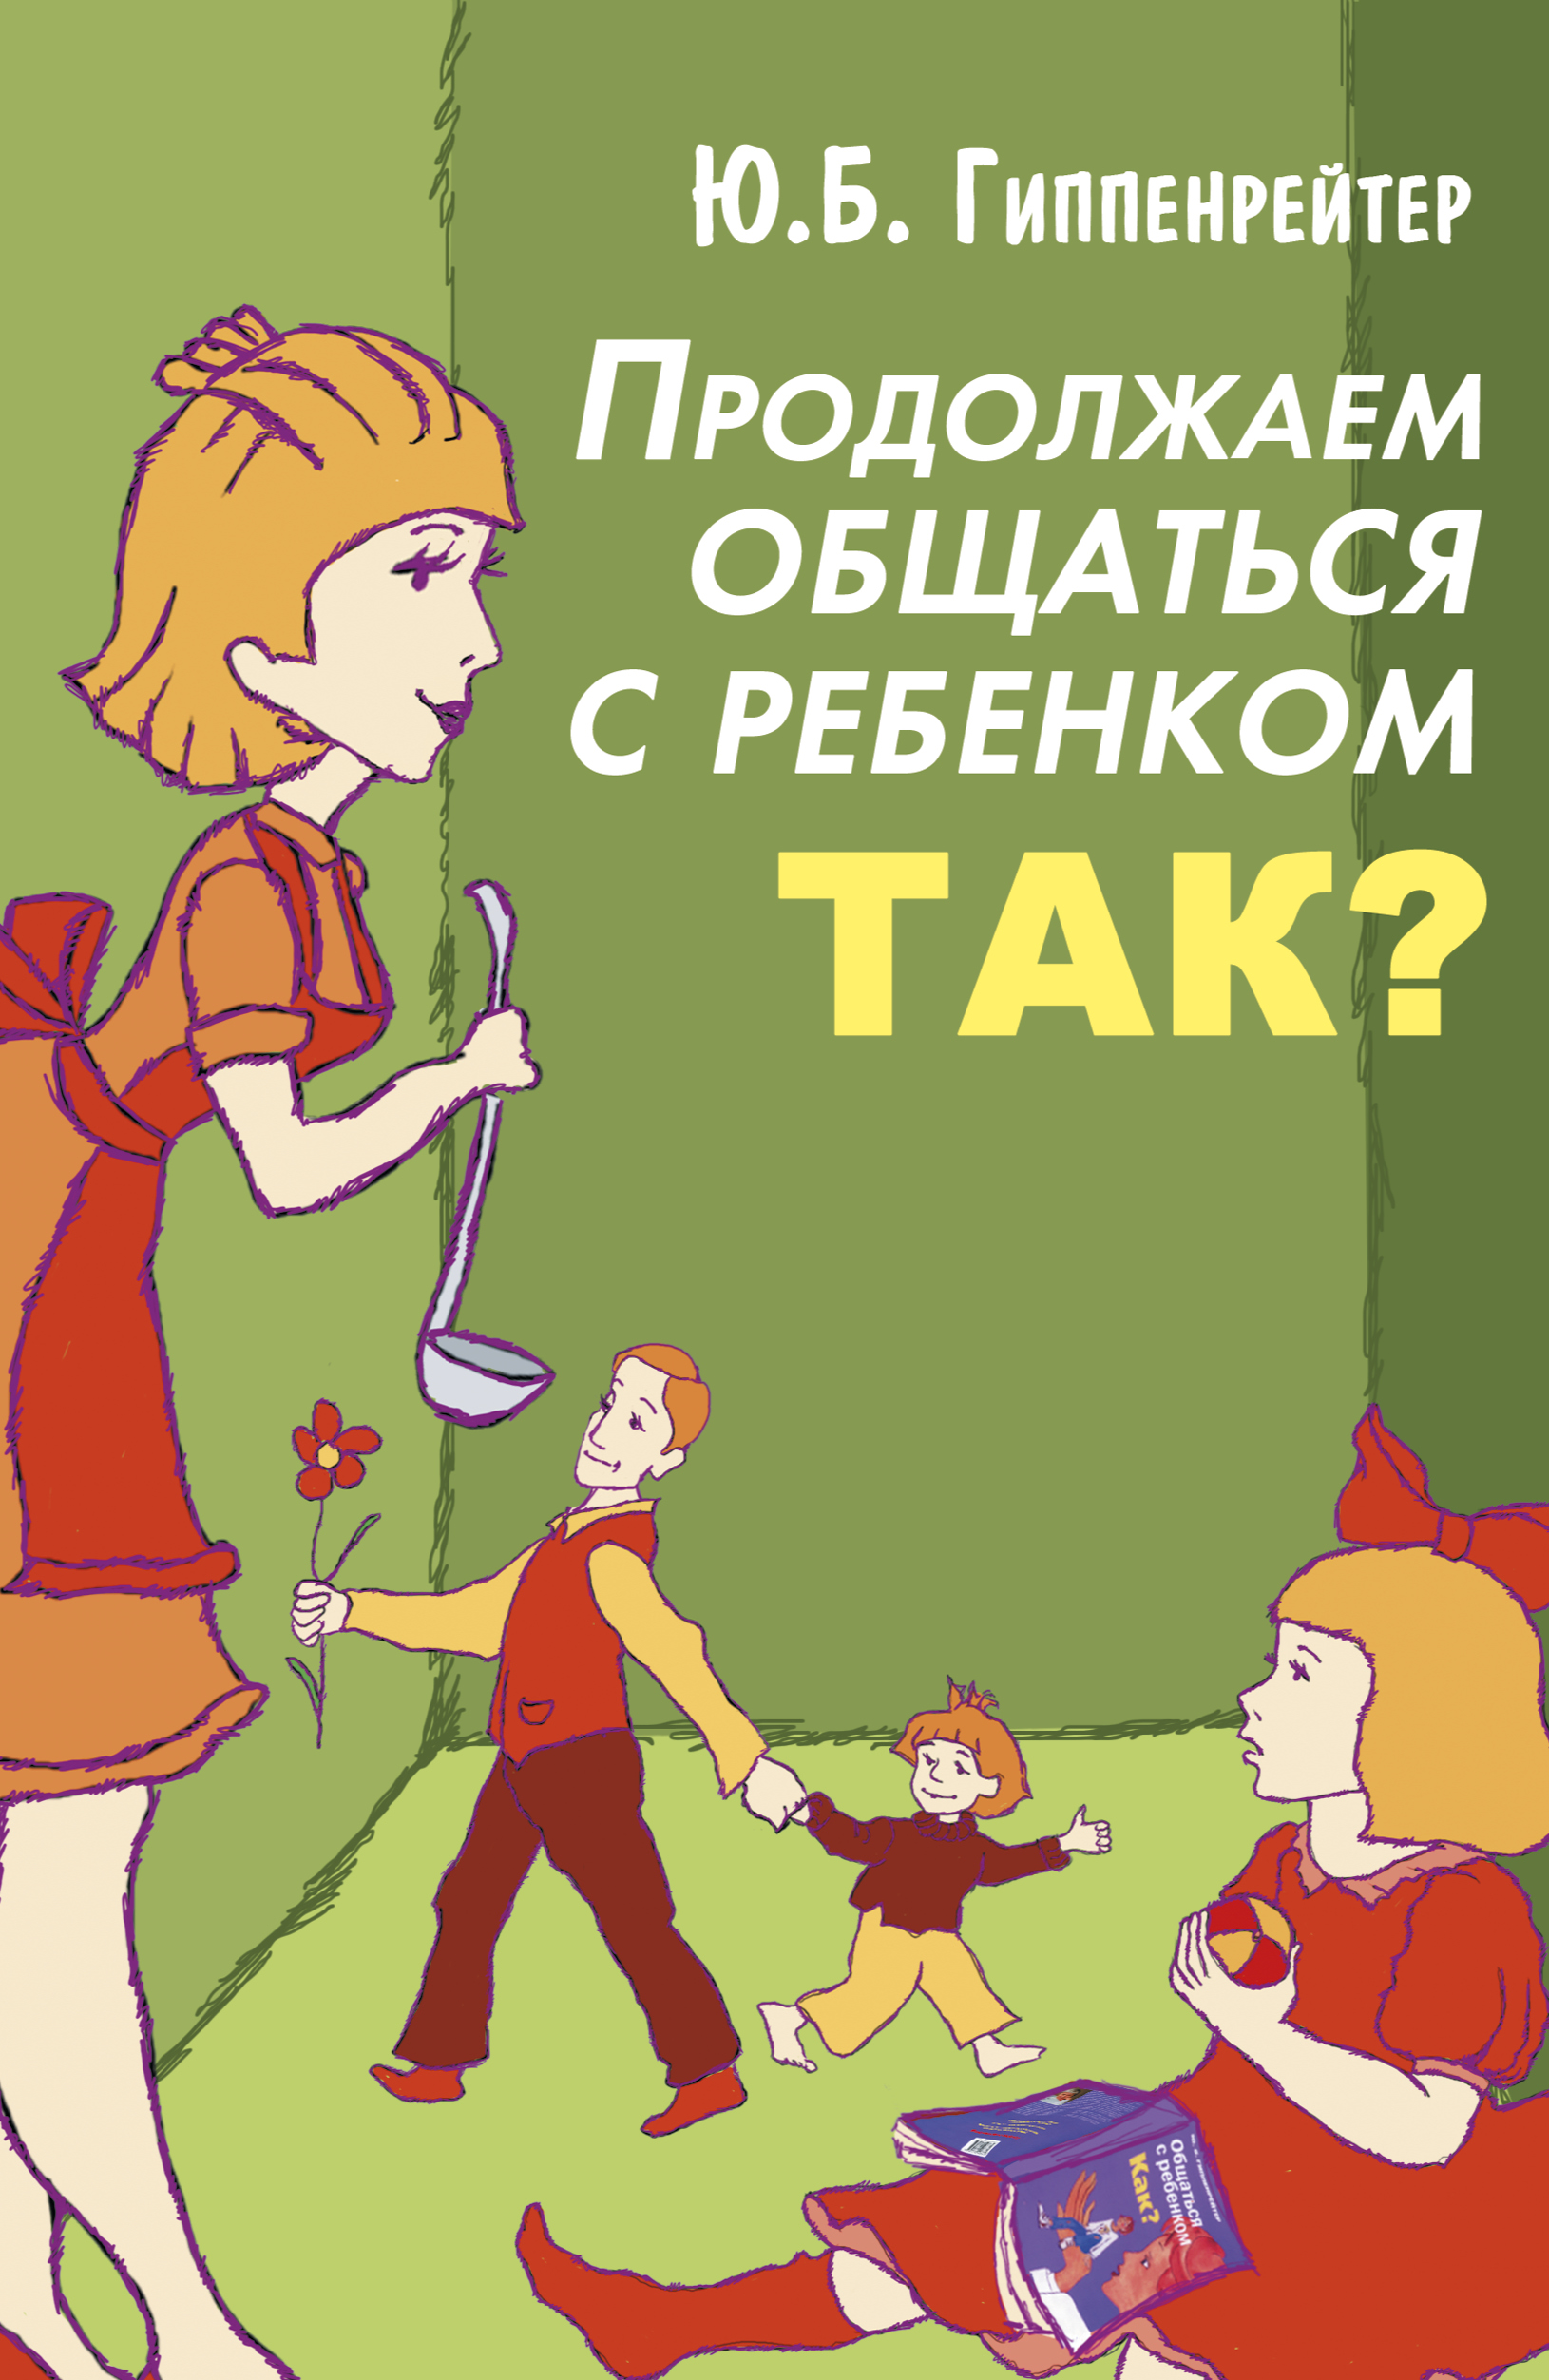 купить Гиппенрейтер Ю.Б. Продолжаем общаться с ребенком. Так? по цене 328 рублей